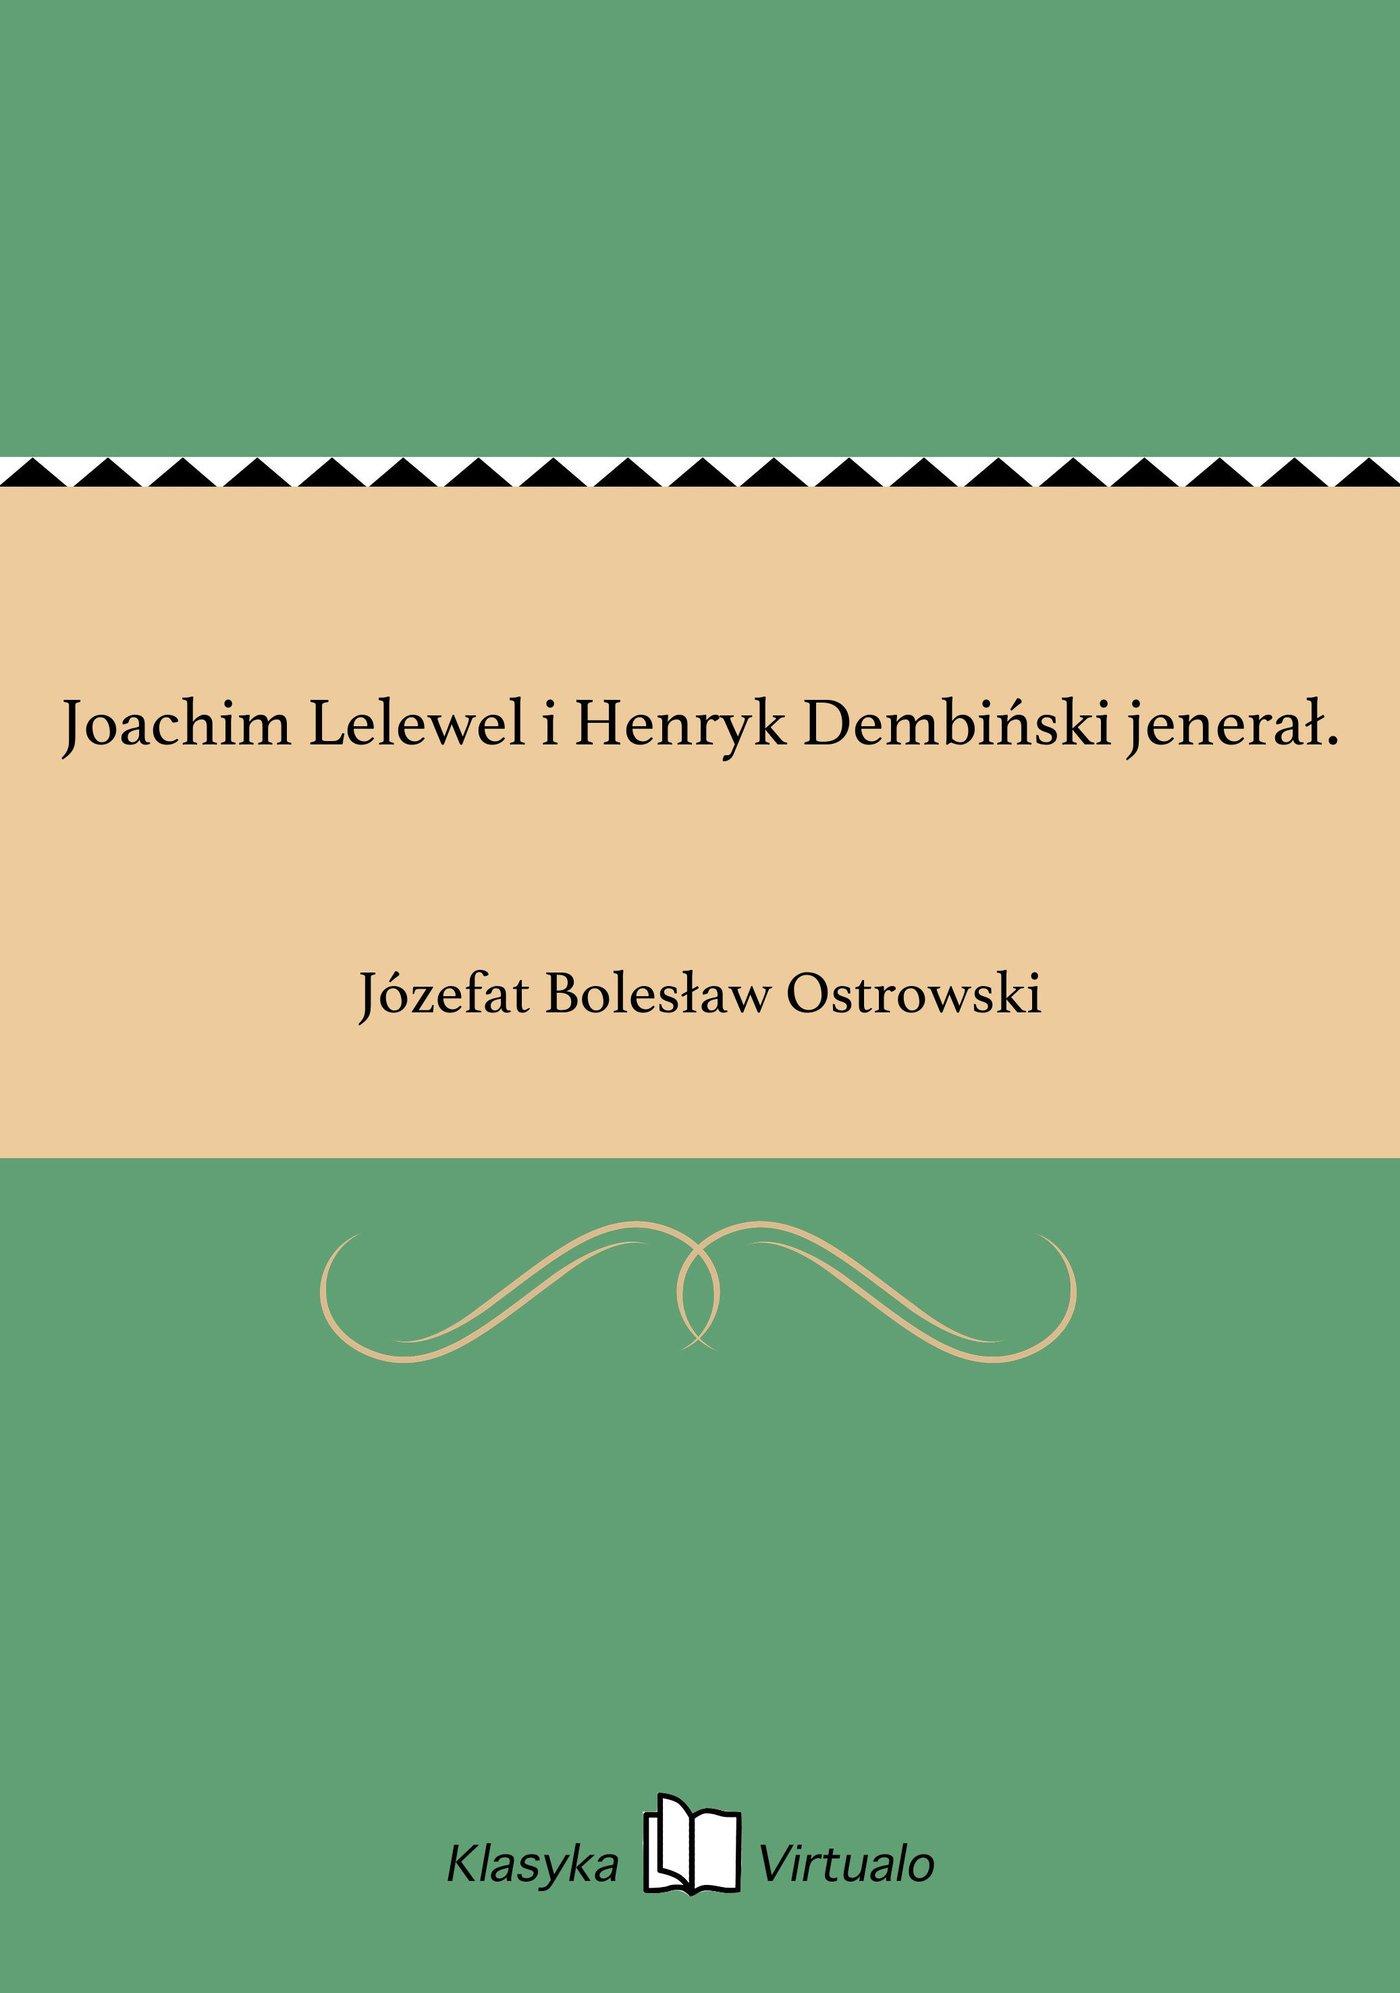 Joachim Lelewel i Henryk Dembiński jenerał. - Ebook (Książka EPUB) do pobrania w formacie EPUB